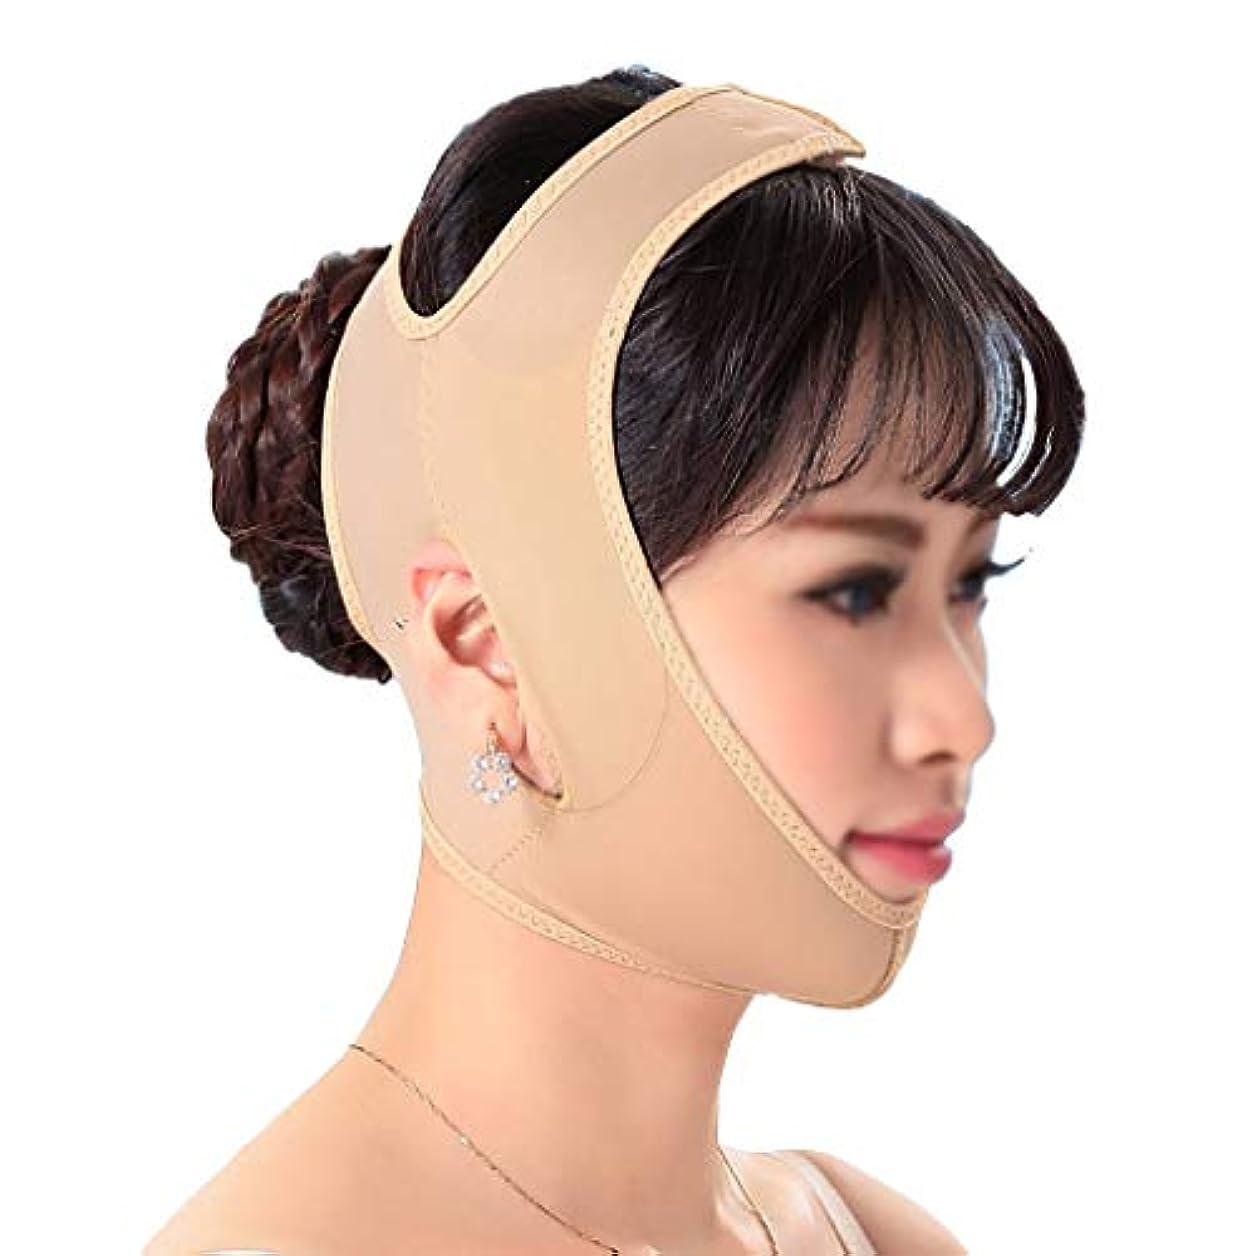 影響規制する確保するGLJJQMY 引き締めベルト痩身ベルト持ち上がる包帯小さなVフェイスマスクダブルチンVマスク脂質脂肪吸引術薄い顔アーティファクト燃える男性と女性の帽子 顔用整形マスク (Size : L)